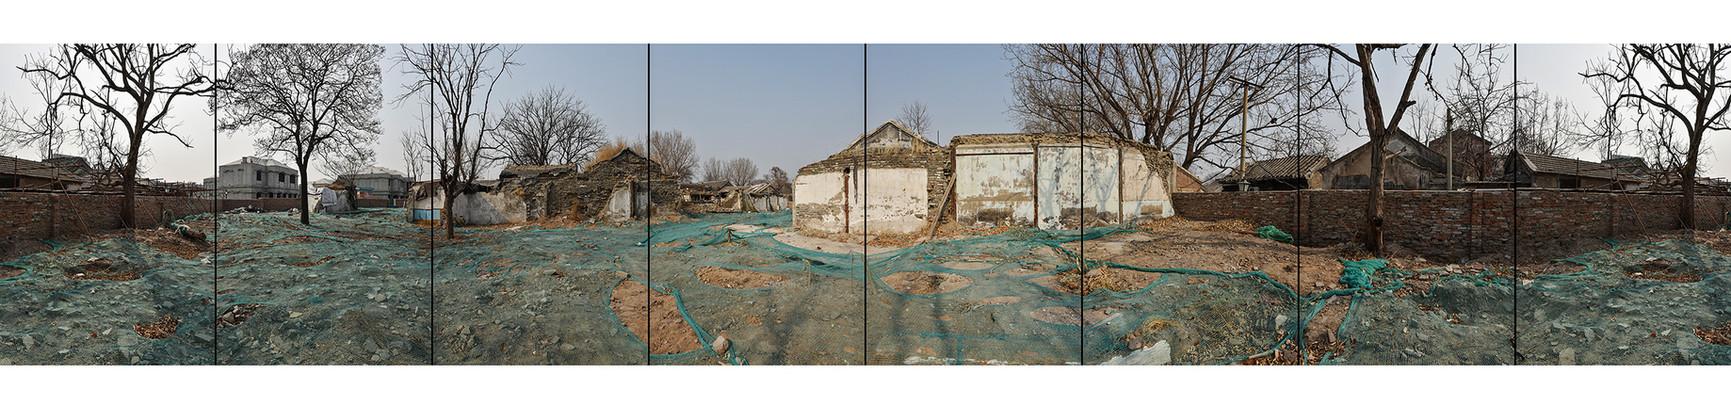 北京废墟07.jpg